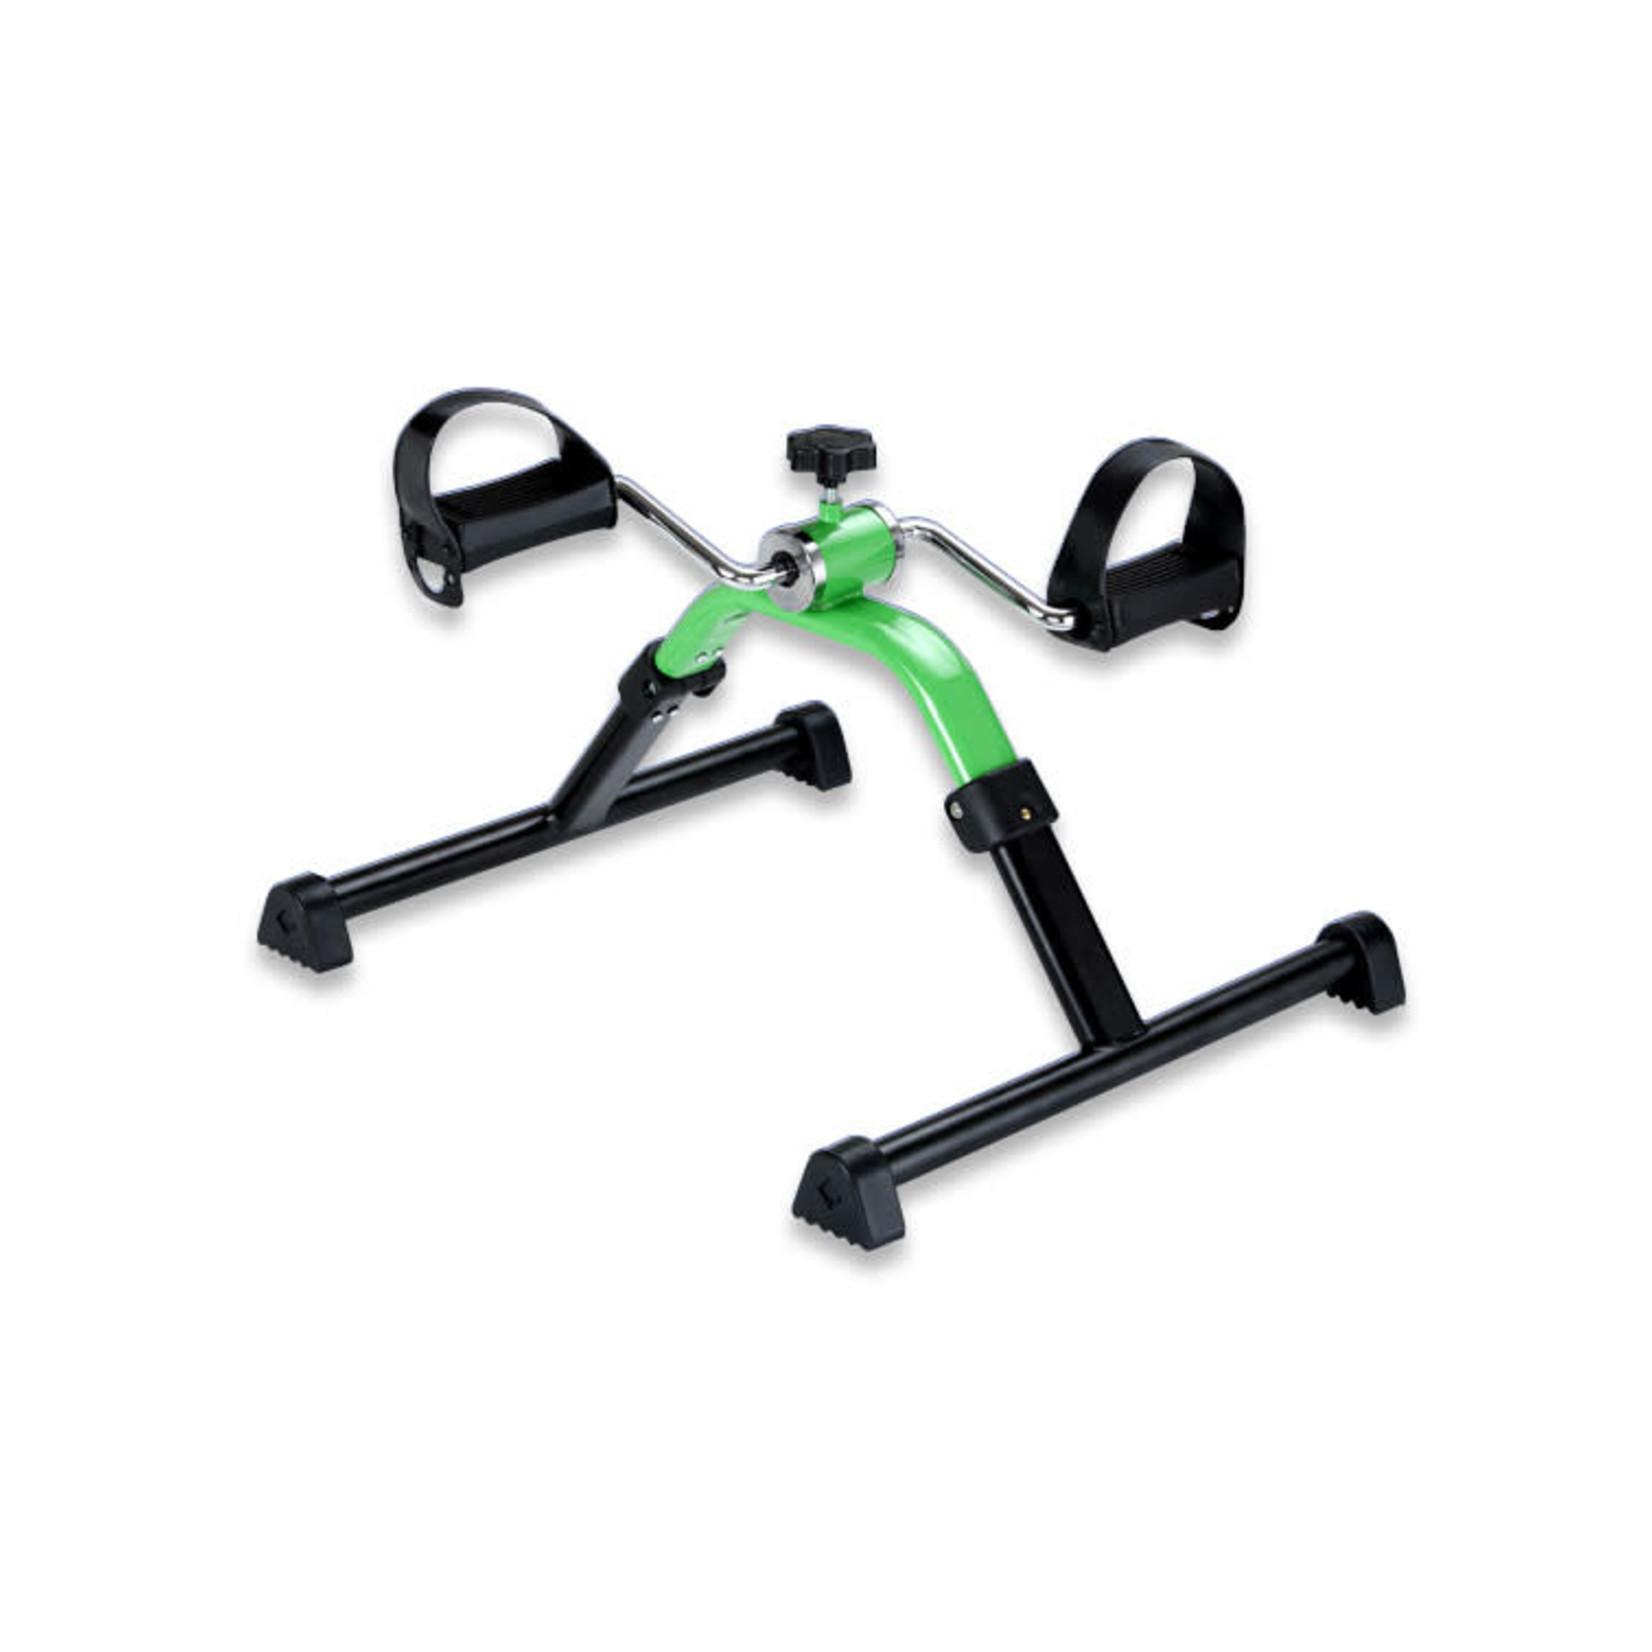 MOBB Pedal Exerciser - Foldable